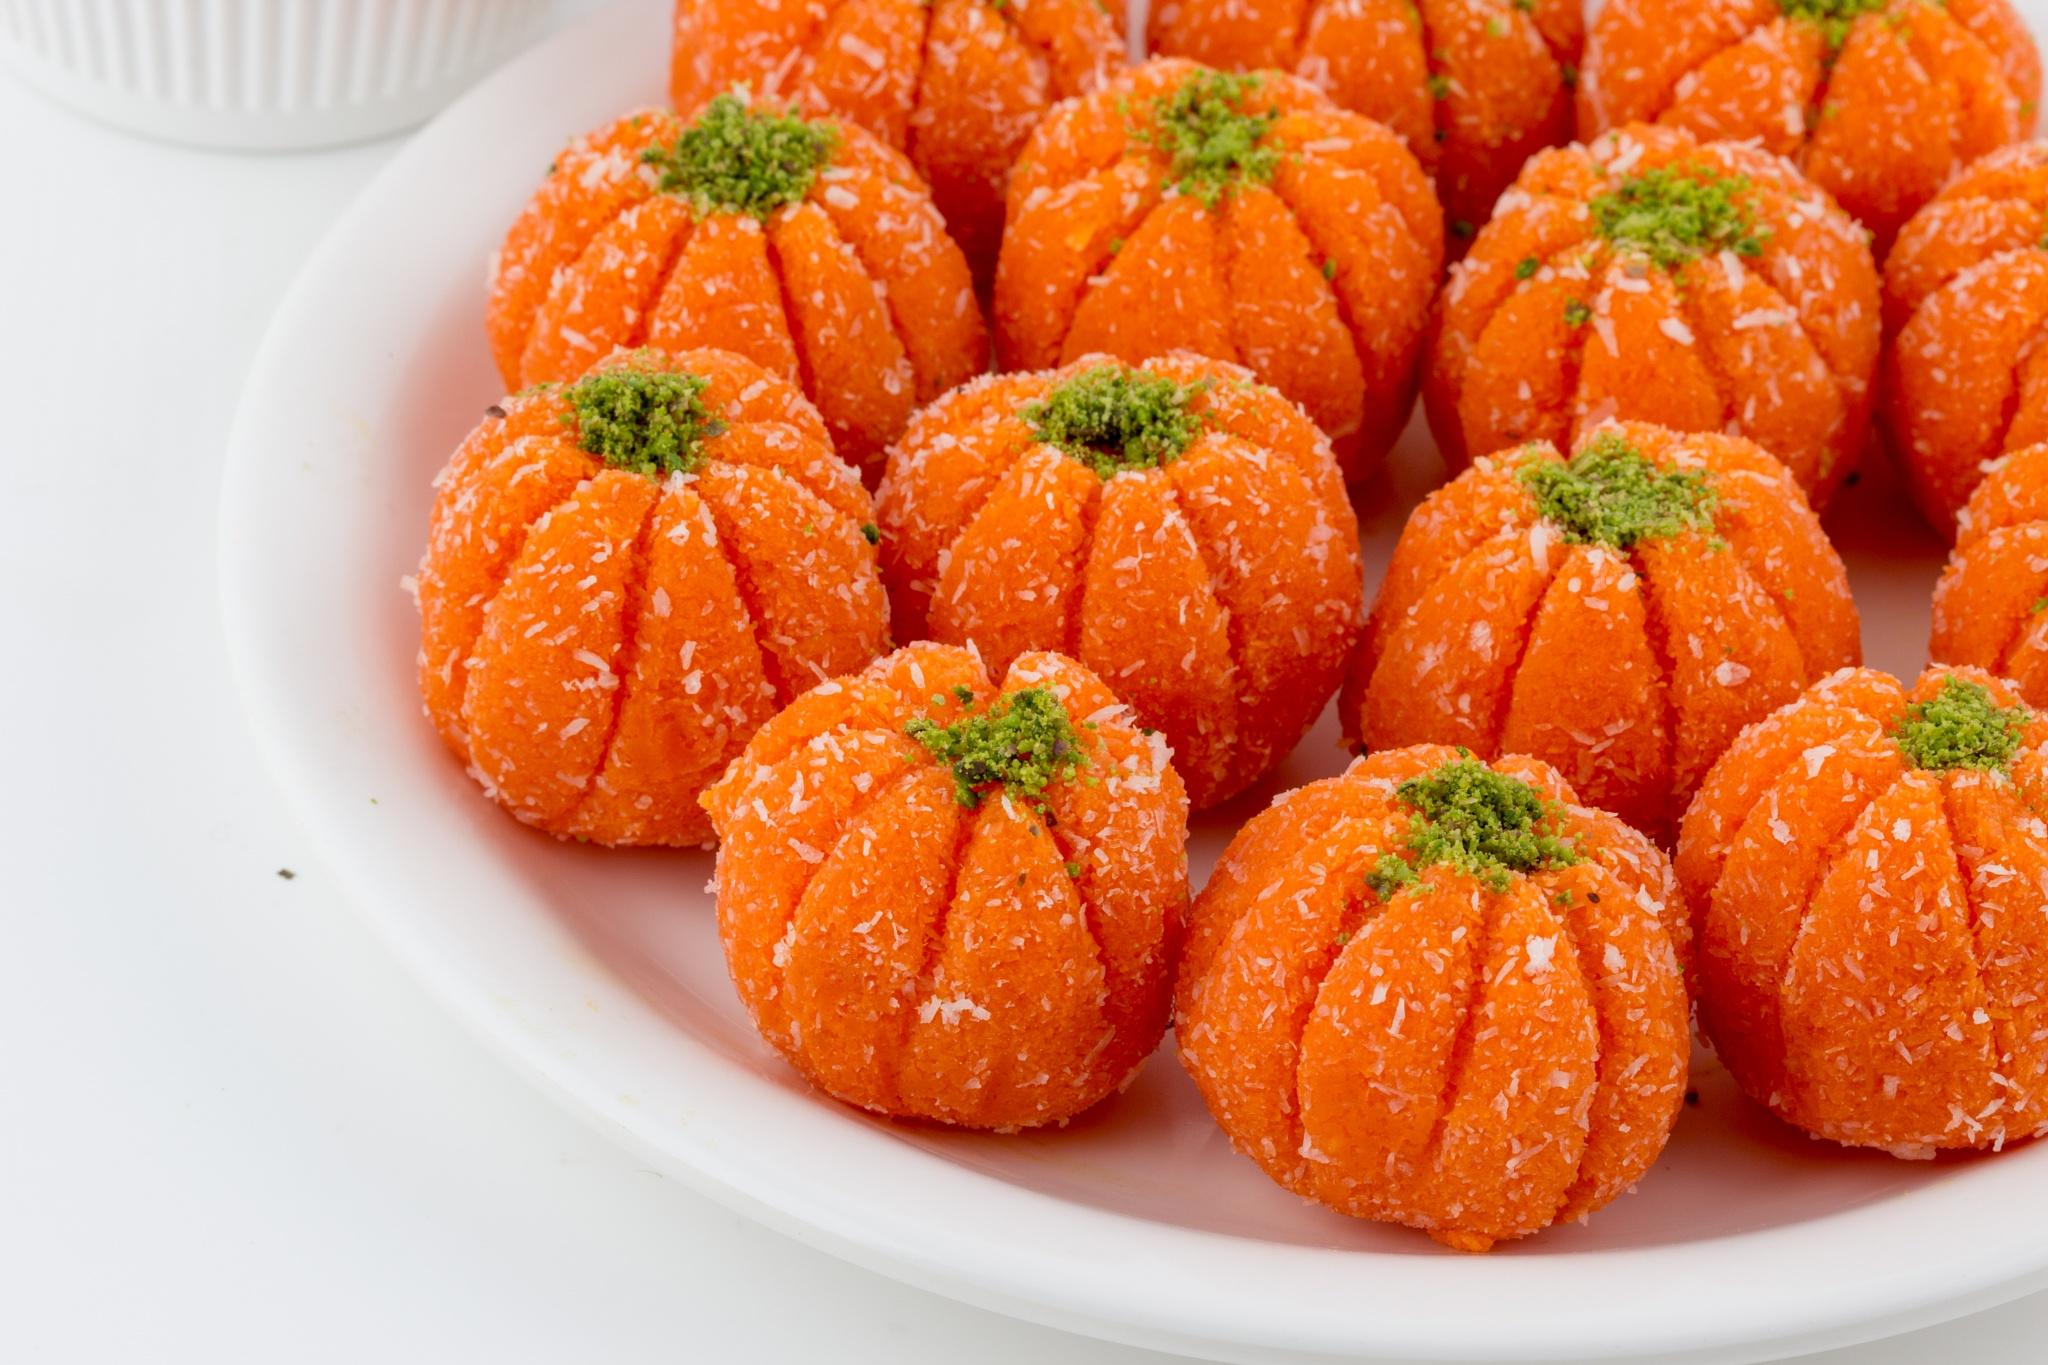 Pumpkin Sweet by ravitenneti9